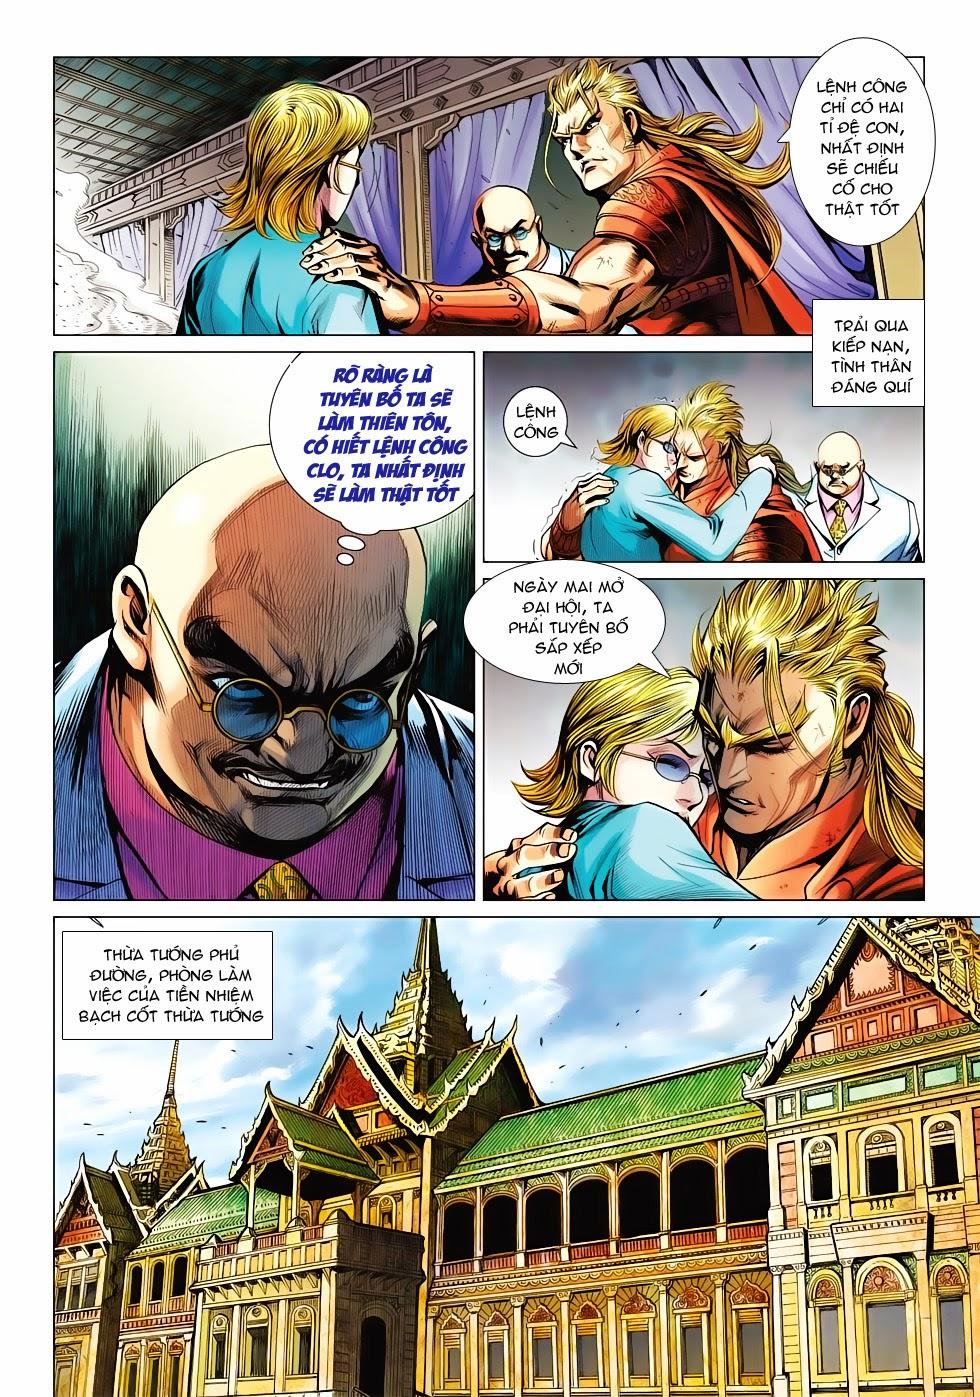 Tân Tác Long Hổ Môn trang 11